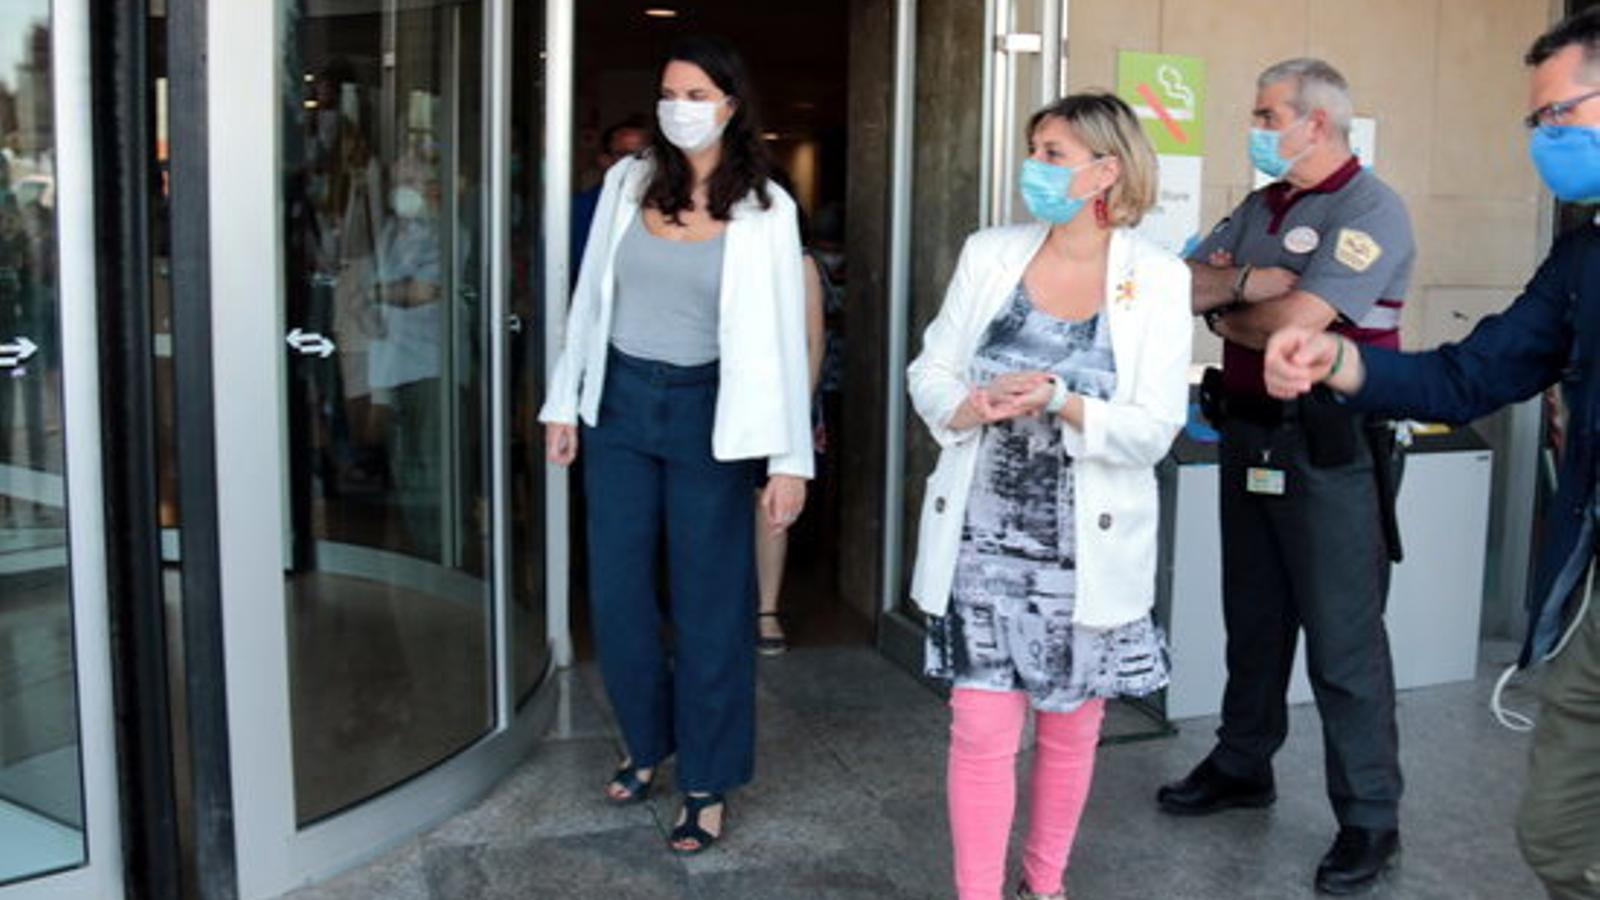 La consellera de Salut, Alba Vergés, sortint aquest divendres de l'Hospital Arnau de Vilanova de Lleida / SALVADOR MIRET/ACN / SALVADOR MIRET / ACN